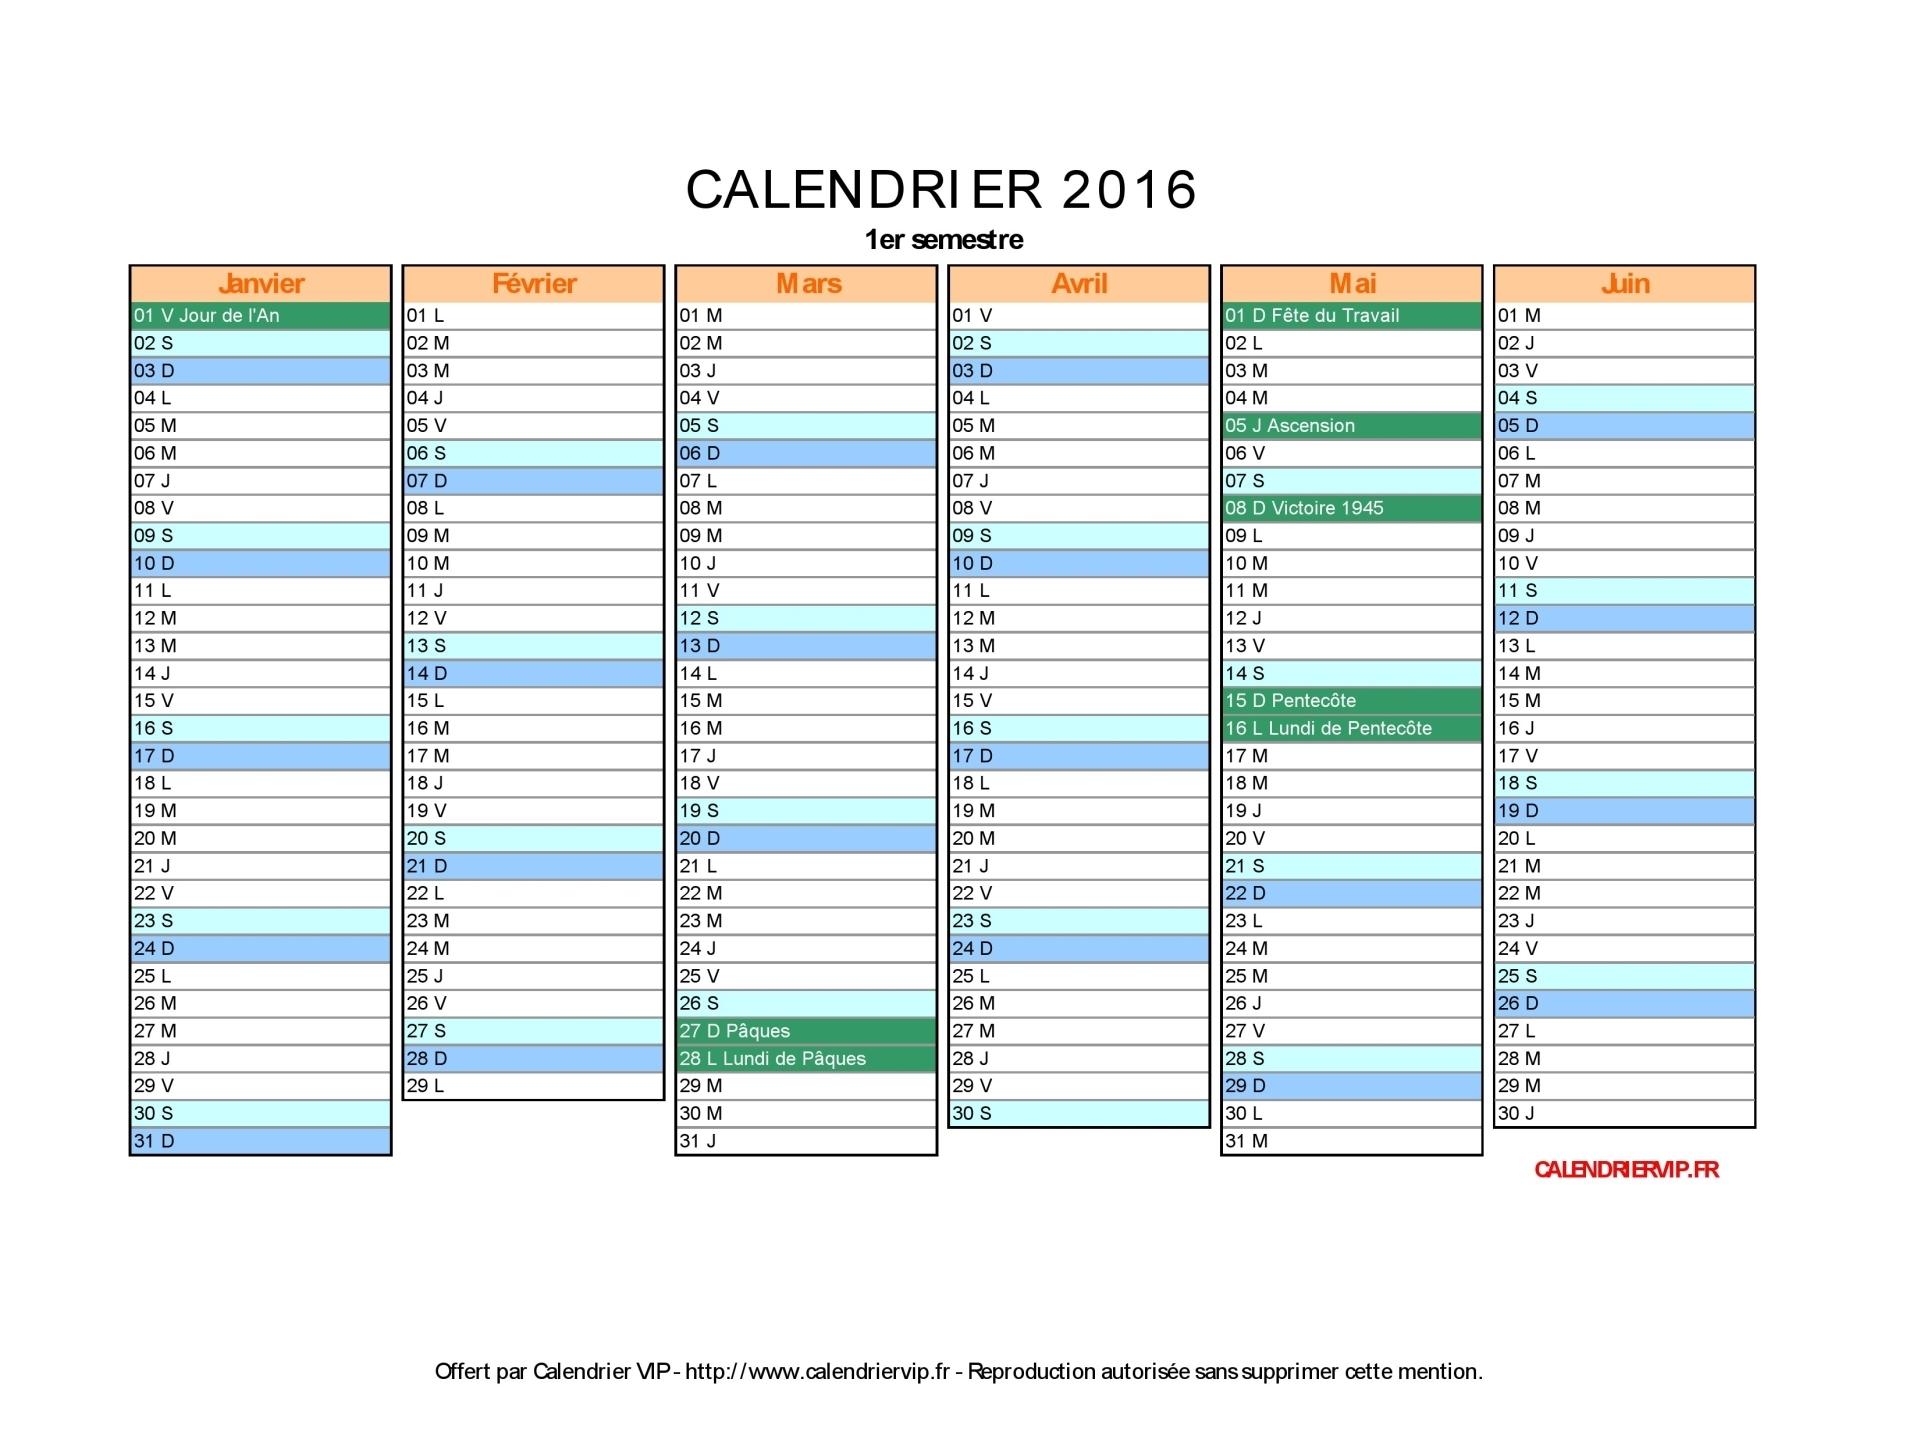 Calendrier 2016 à imprimer pdf